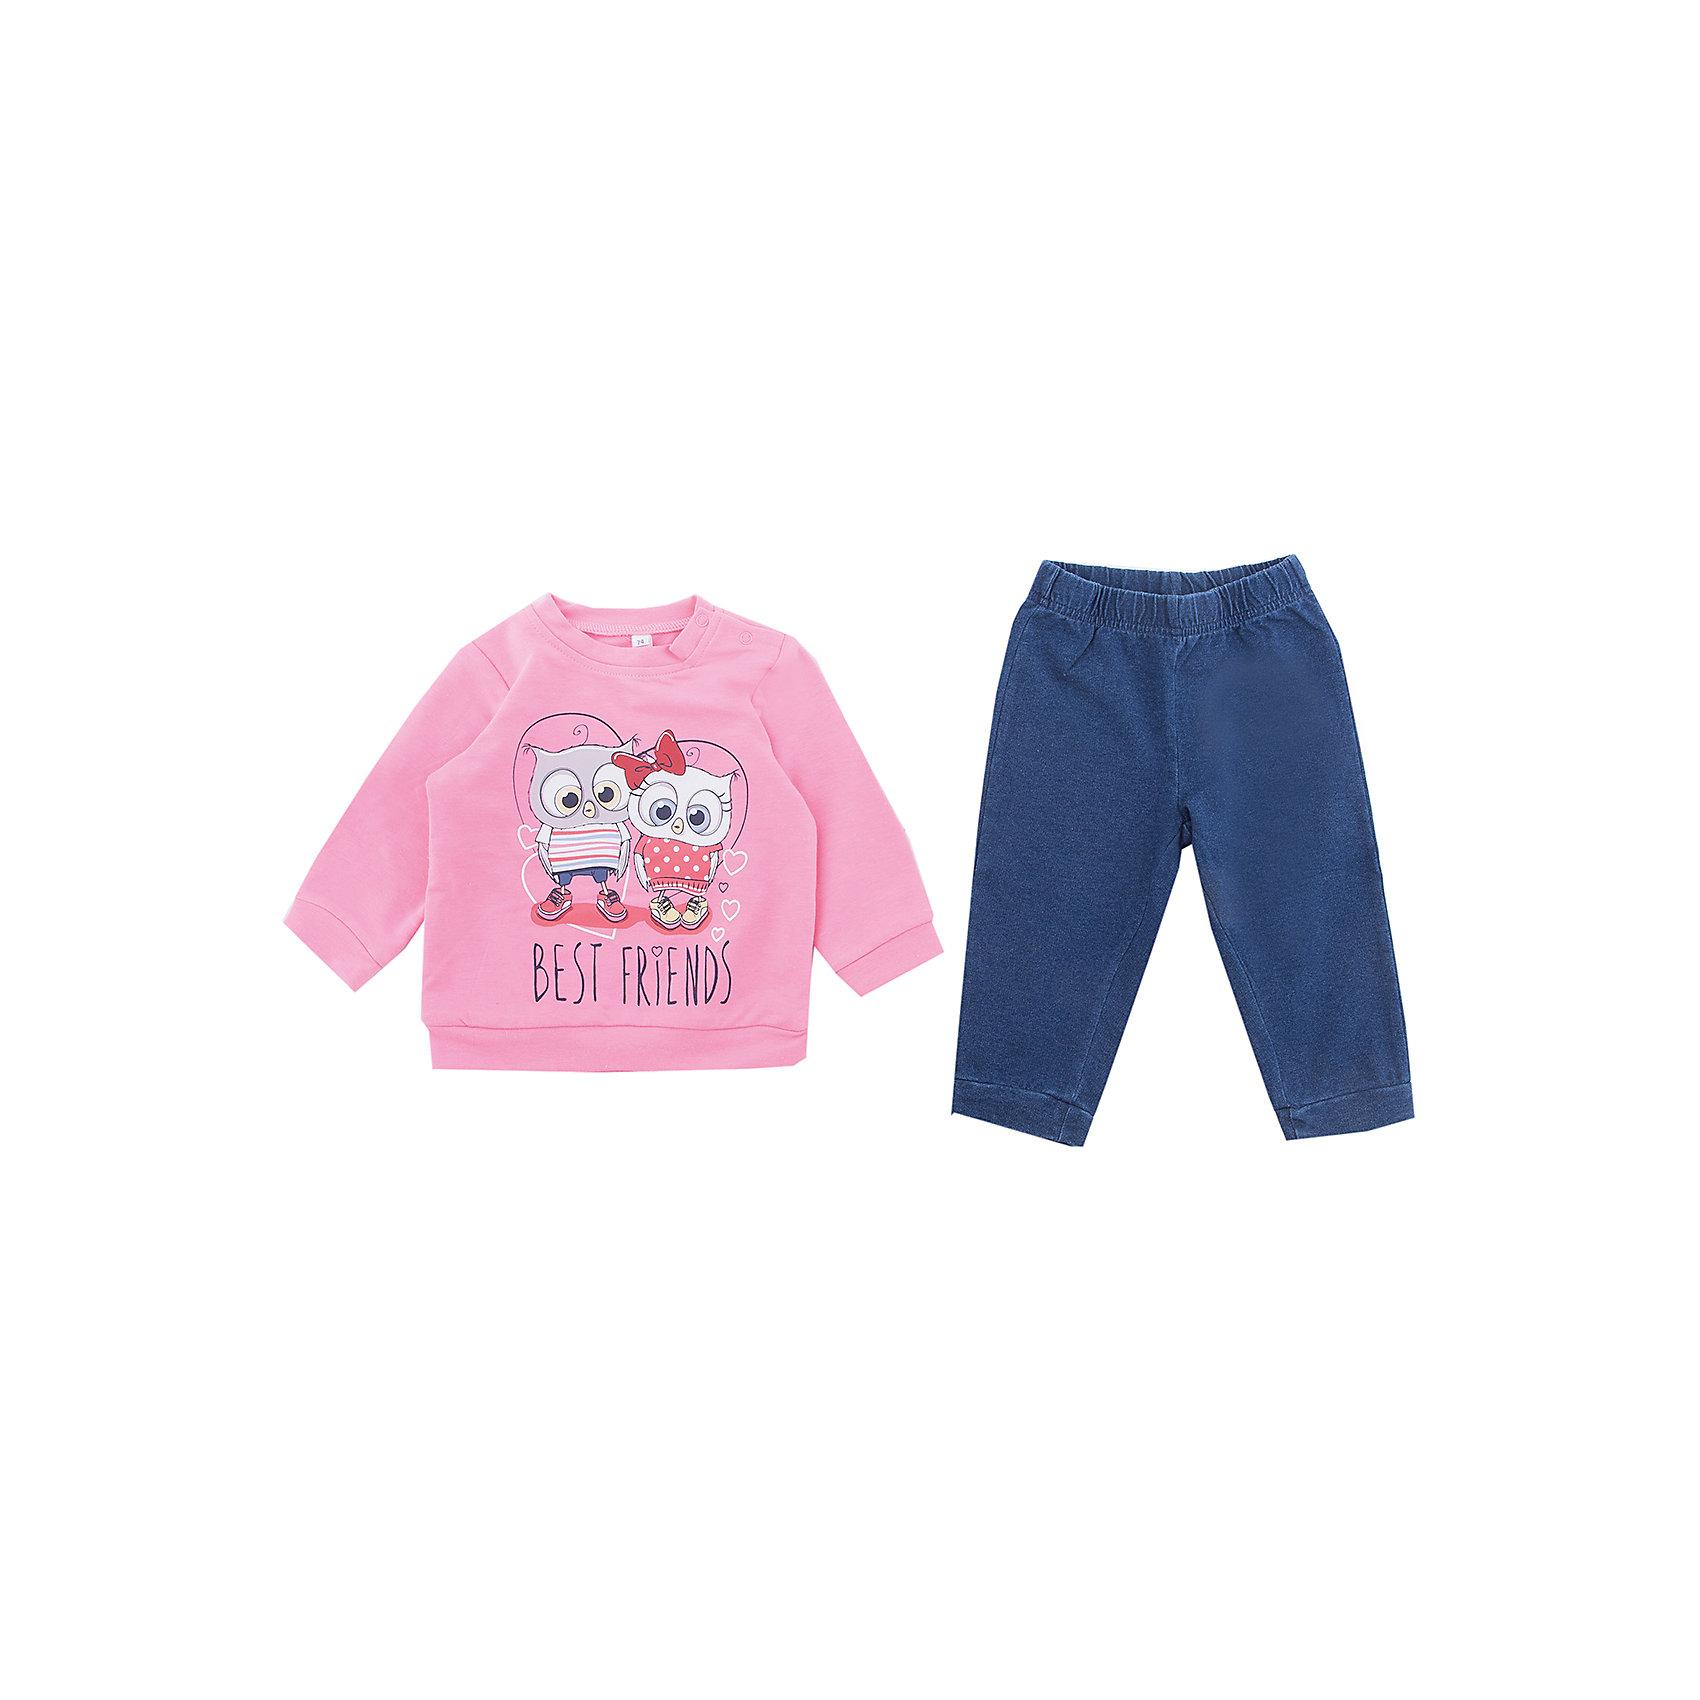 Комплект: футболка с длинным рукавом и брюки PlayToday для девочкиКомплекты<br>Комплект: футболка с длинным рукавом и брюки PlayToday для девочки<br>Комплект из футболки с длинным рукавом и брюк - отличное решение и для повседневного гардероба, и в качестве домашней одежды. Приятная на ощупь ткань не вызывает раздражений. Модель декорирована принтом. Для удобства снимания и одевания горловина футболки дополнена удобными застежками - кнопками. Пояс и низ брюк на мягких трикотажных резинках.<br>Состав:<br>95% хлопок, 5% эластан<br><br>Ширина мм: 230<br>Глубина мм: 40<br>Высота мм: 220<br>Вес г: 250<br>Цвет: белый<br>Возраст от месяцев: 18<br>Возраст до месяцев: 24<br>Пол: Женский<br>Возраст: Детский<br>Размер: 92,74,80,86<br>SKU: 7110221